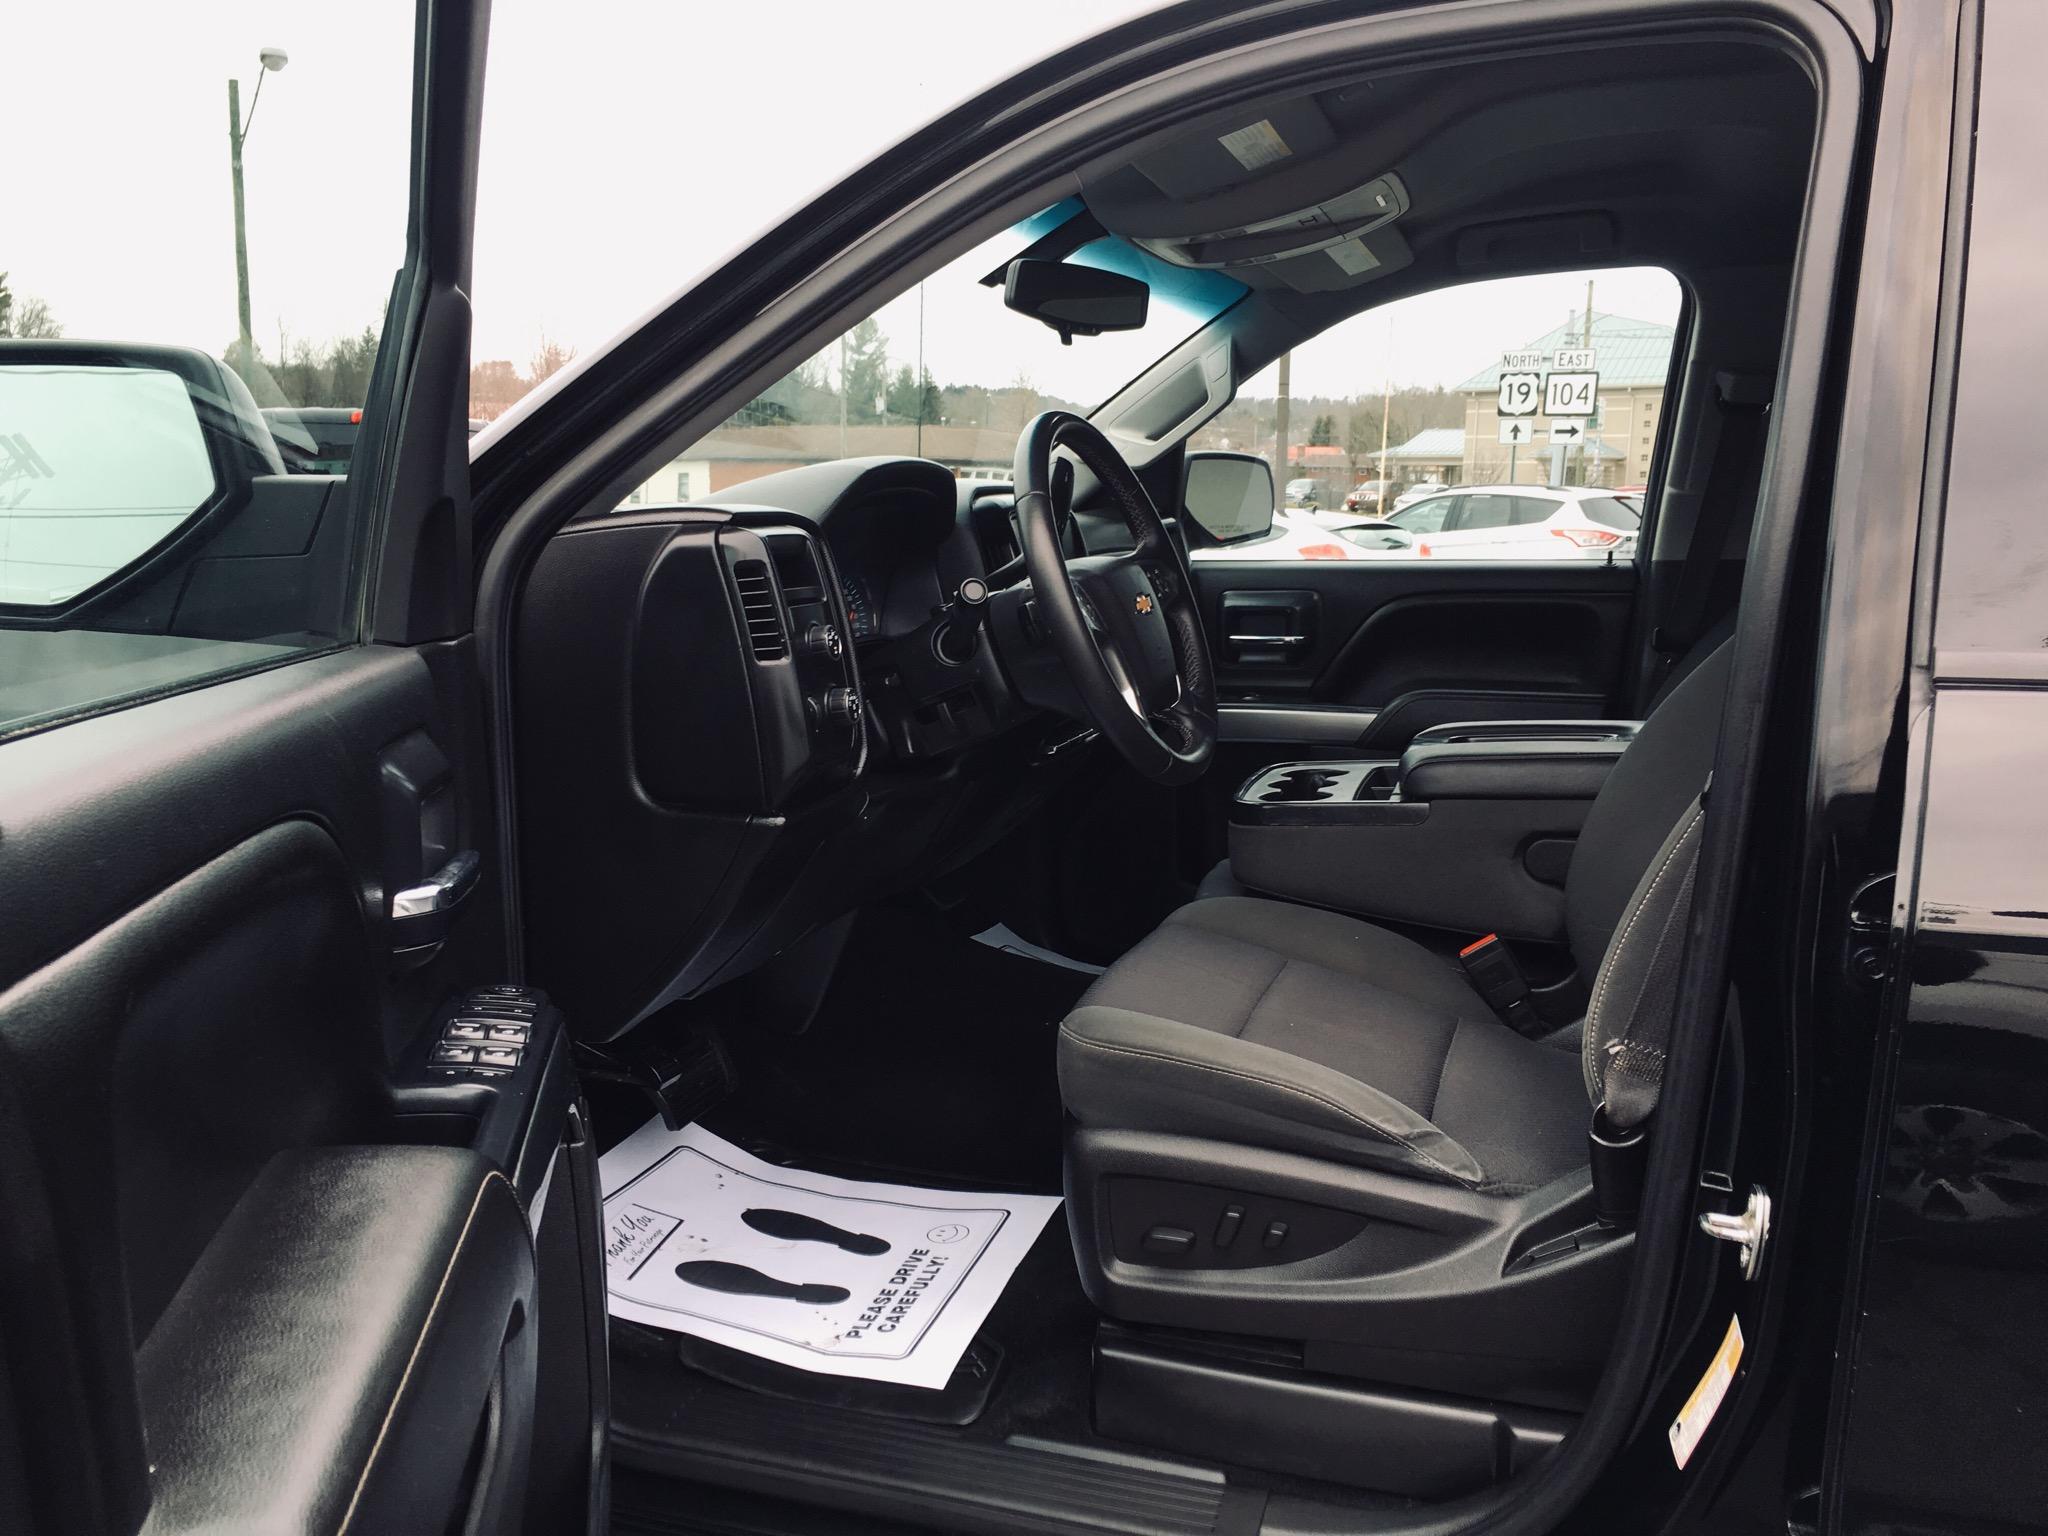 2015 CHEVY  SILVERADO 1500 CREW CAB